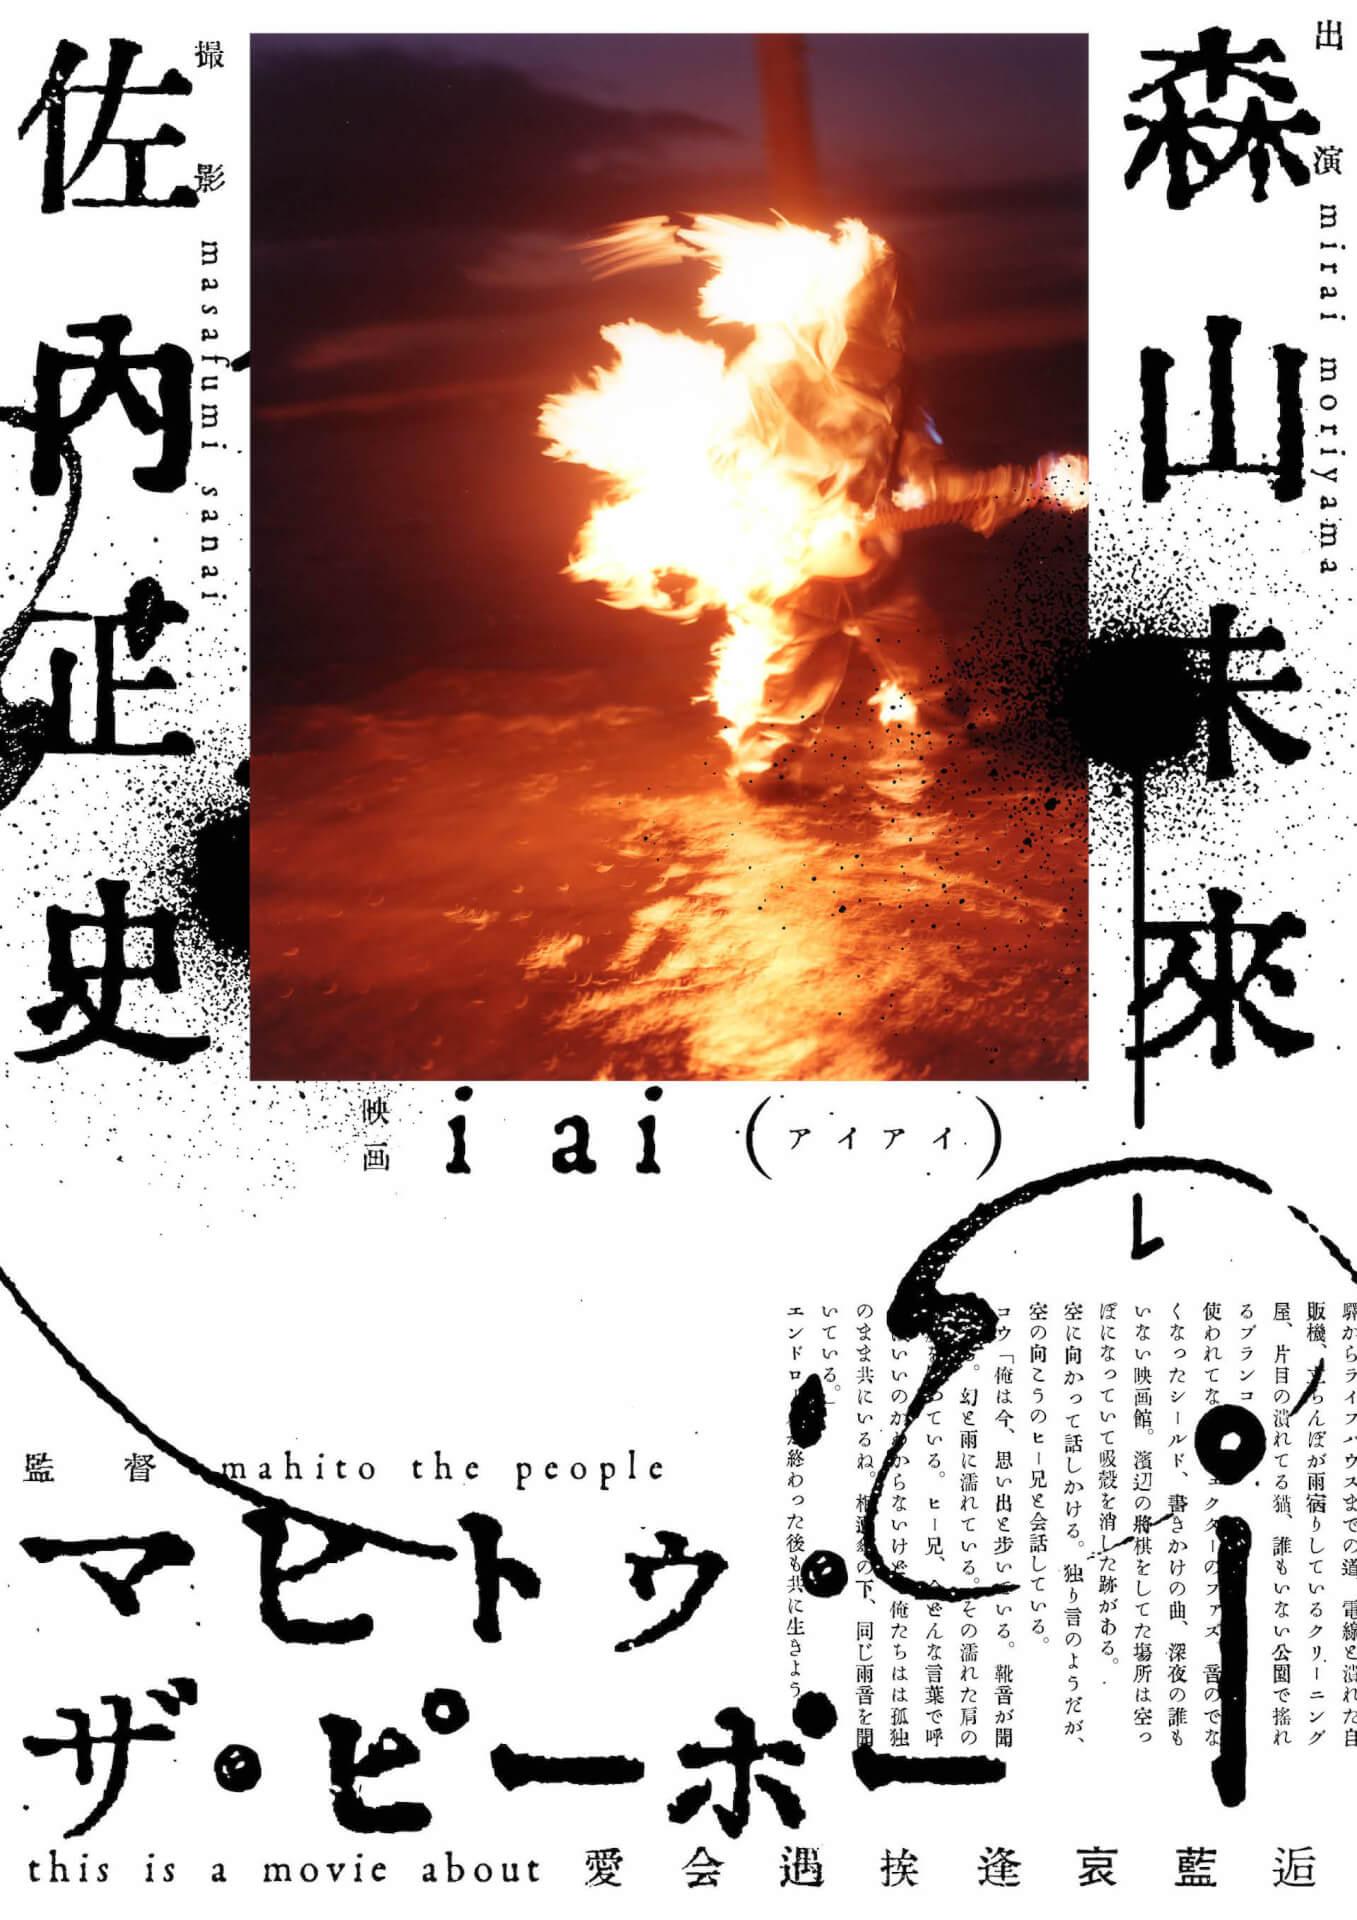 GEZANとマヒト監督の映画『i ai』に迫るドキュメンタリー『#WiTH』が期間限定で公開|森山未來、平体雄二らも参加 film210921_iai_8